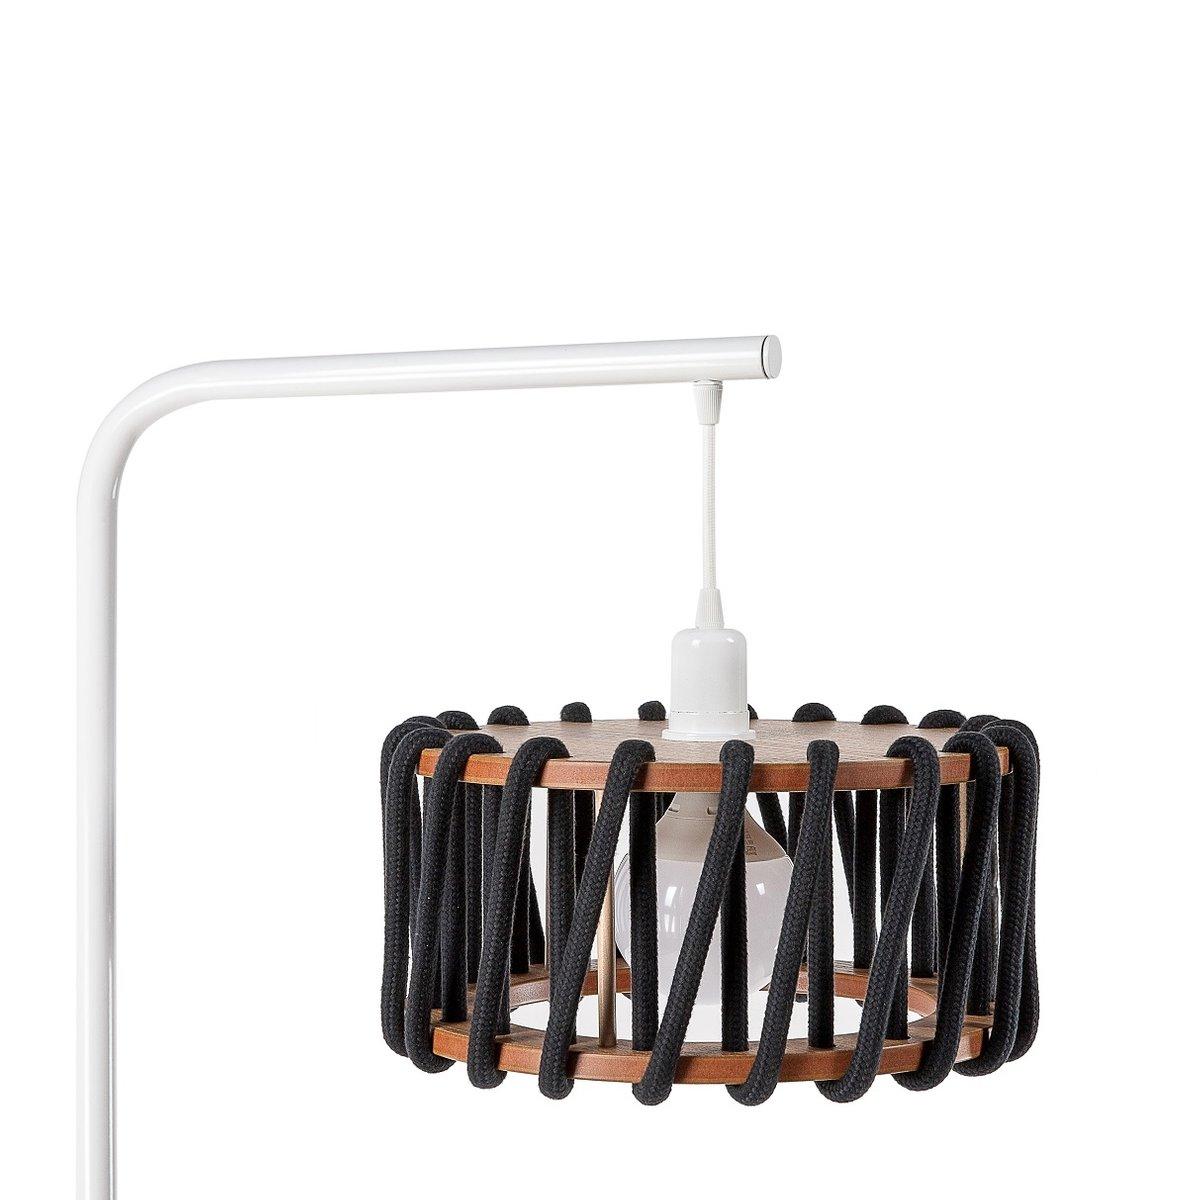 wei e macaron stehlampe mit kleinem schwarzen schirm von silvia ce al f r emko bei pamono kaufen. Black Bedroom Furniture Sets. Home Design Ideas